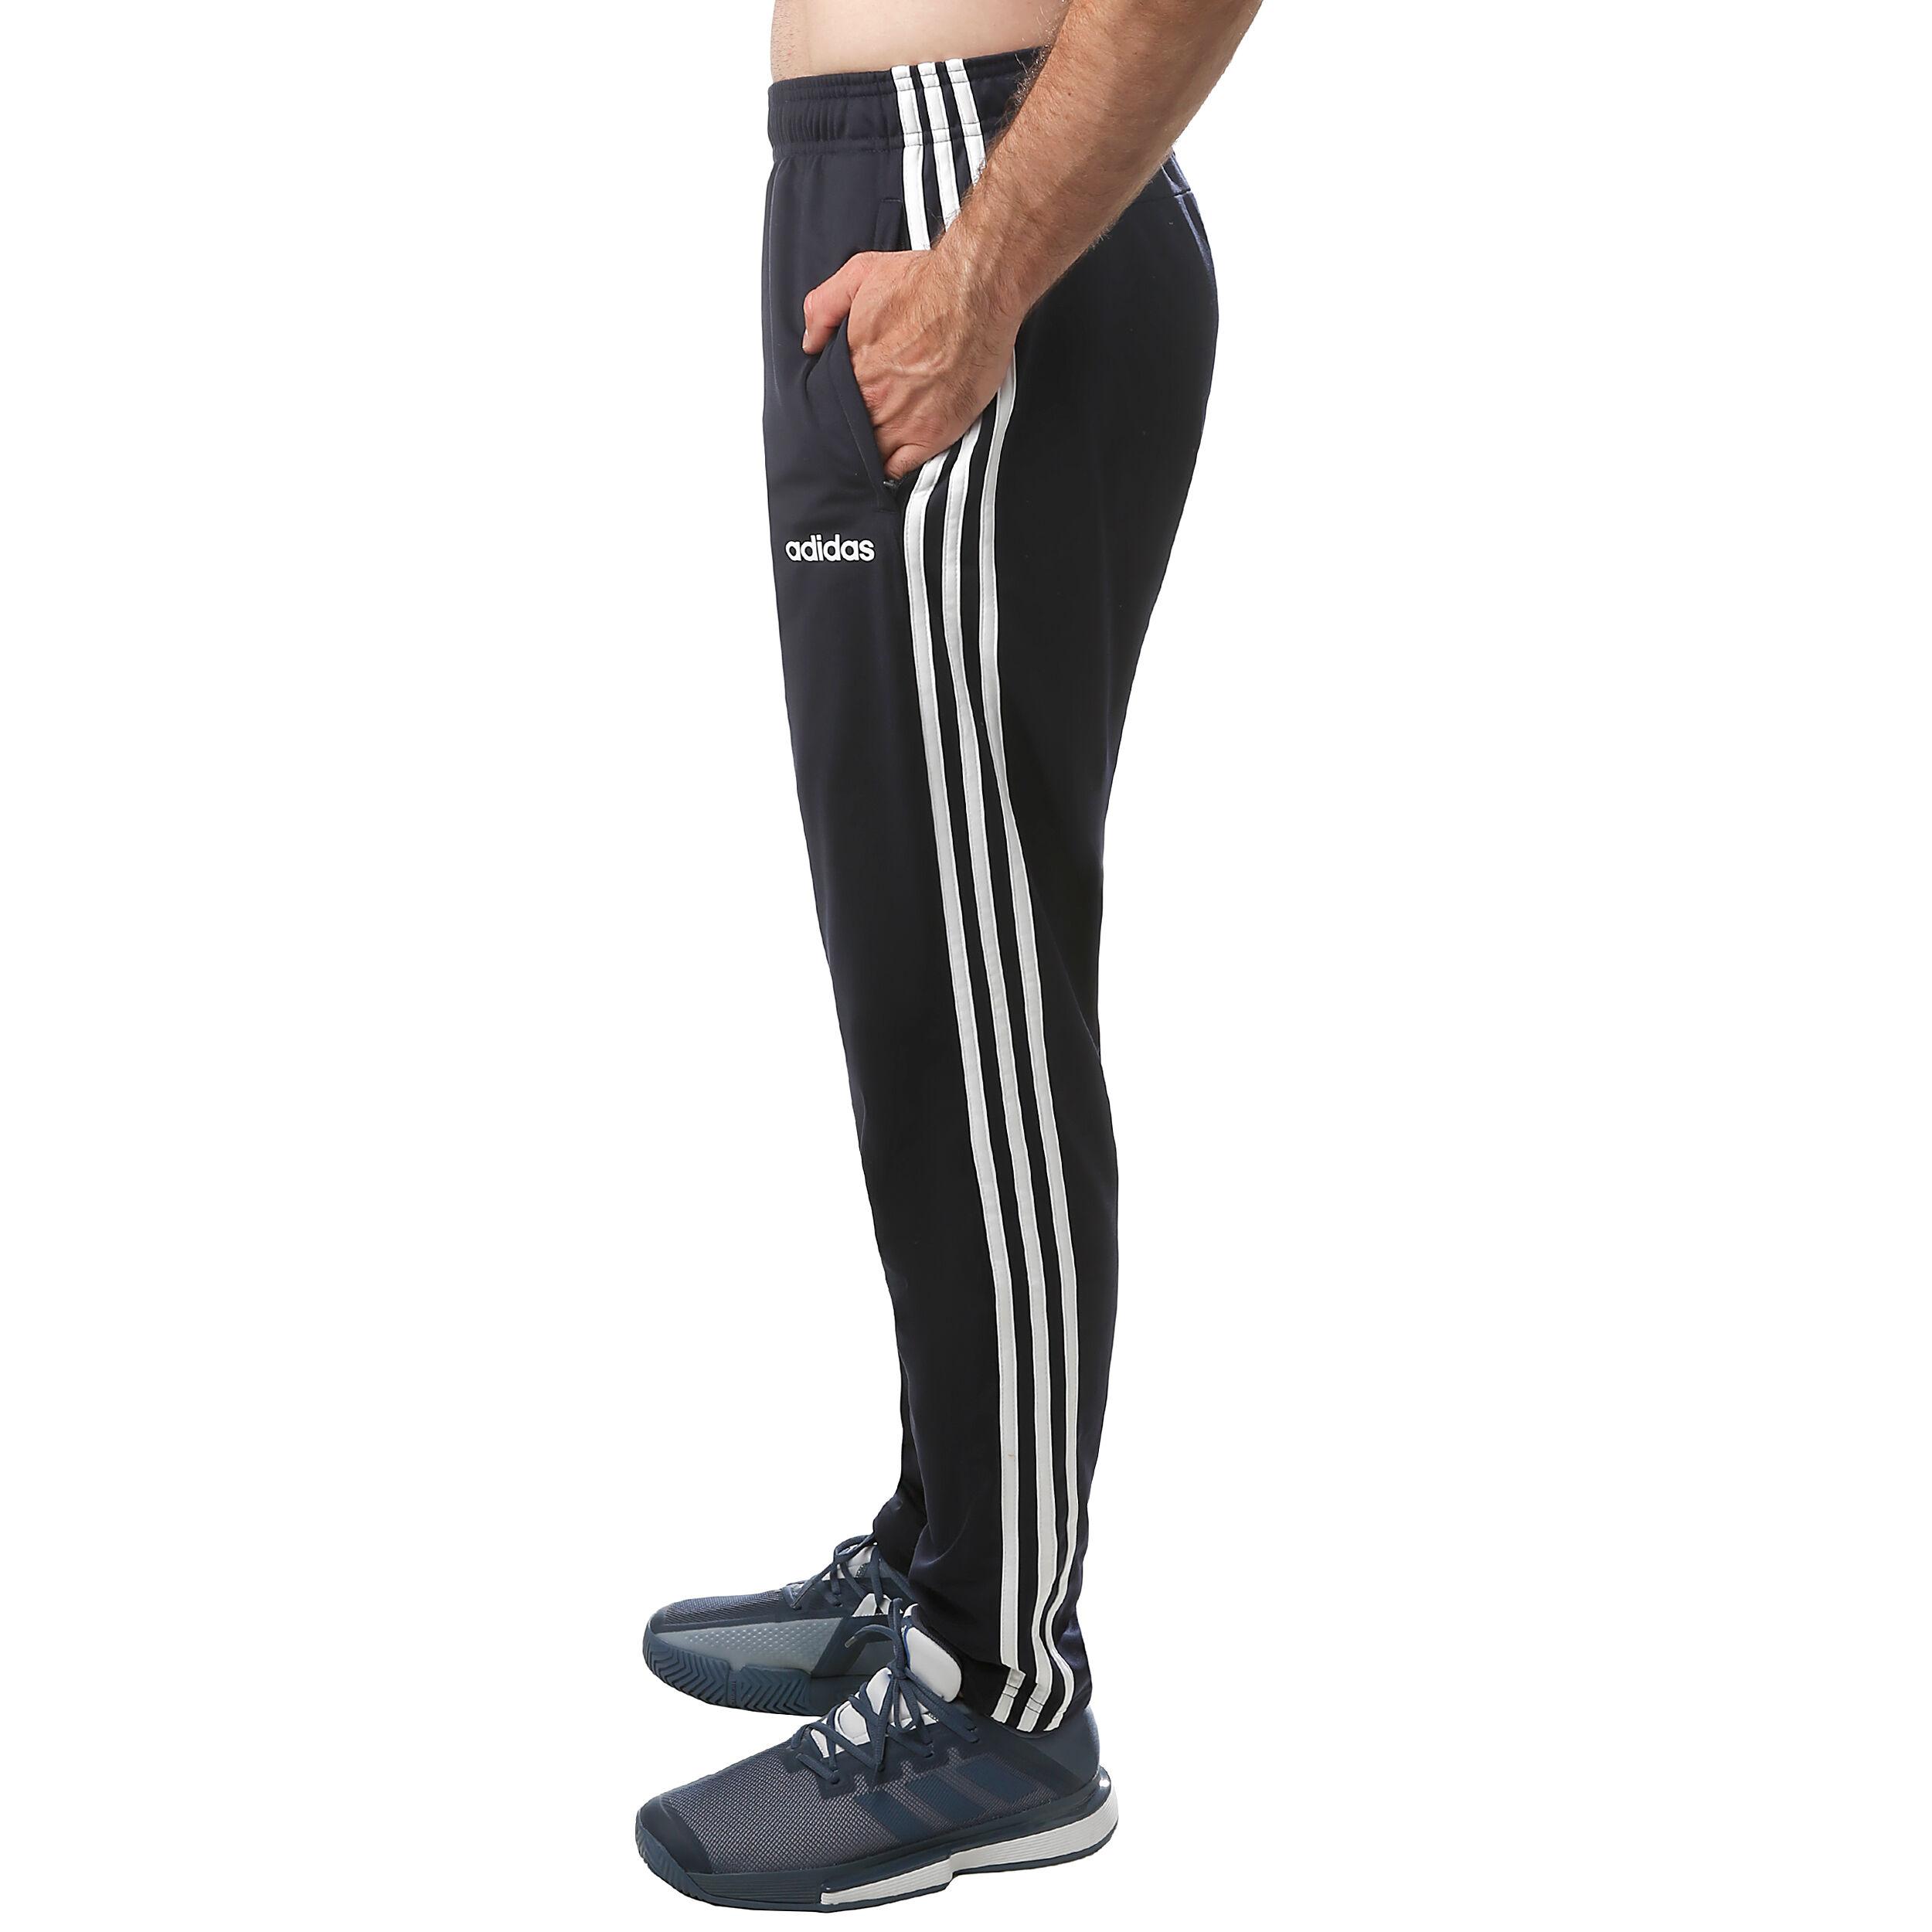 adidas Essentials 3 Stripes Tapered Tricot Træningsbukser Herrer Mørkeblå, Hvid